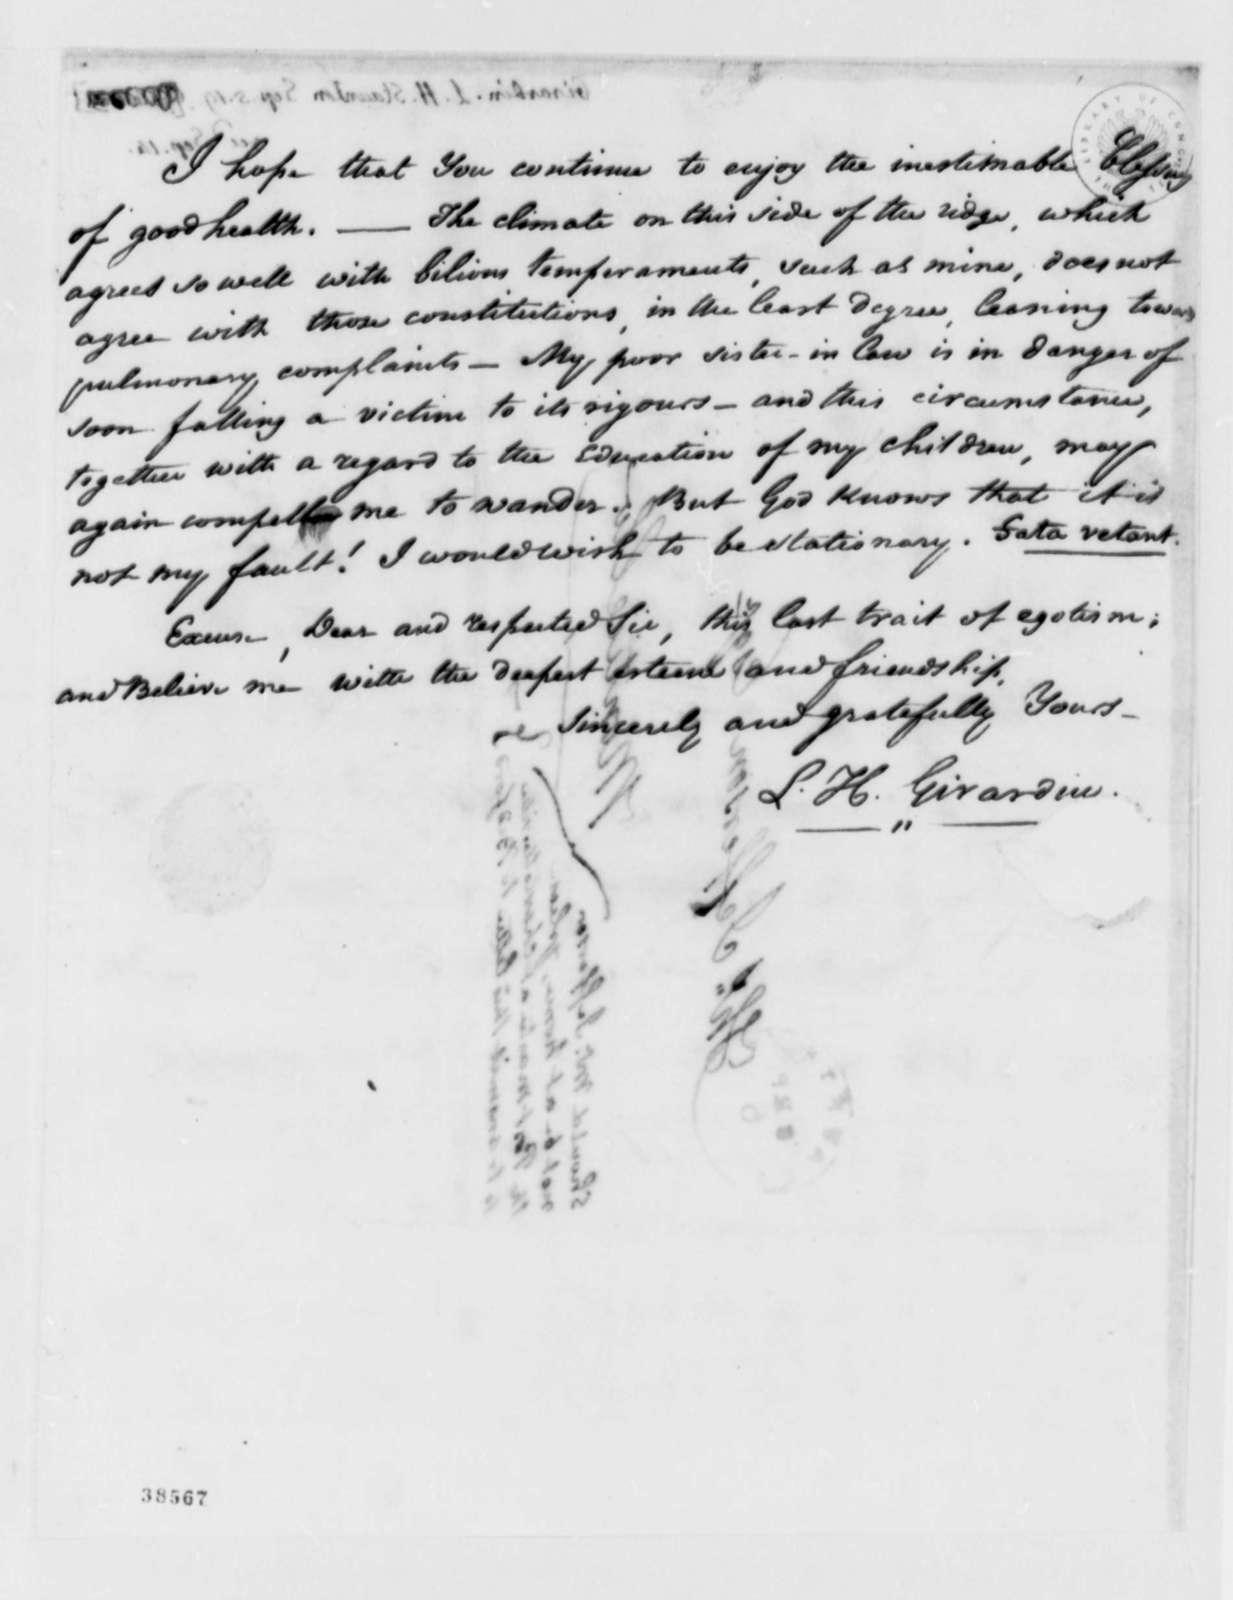 Louis H. Girardin to Thomas Jefferson, September 5, 1819